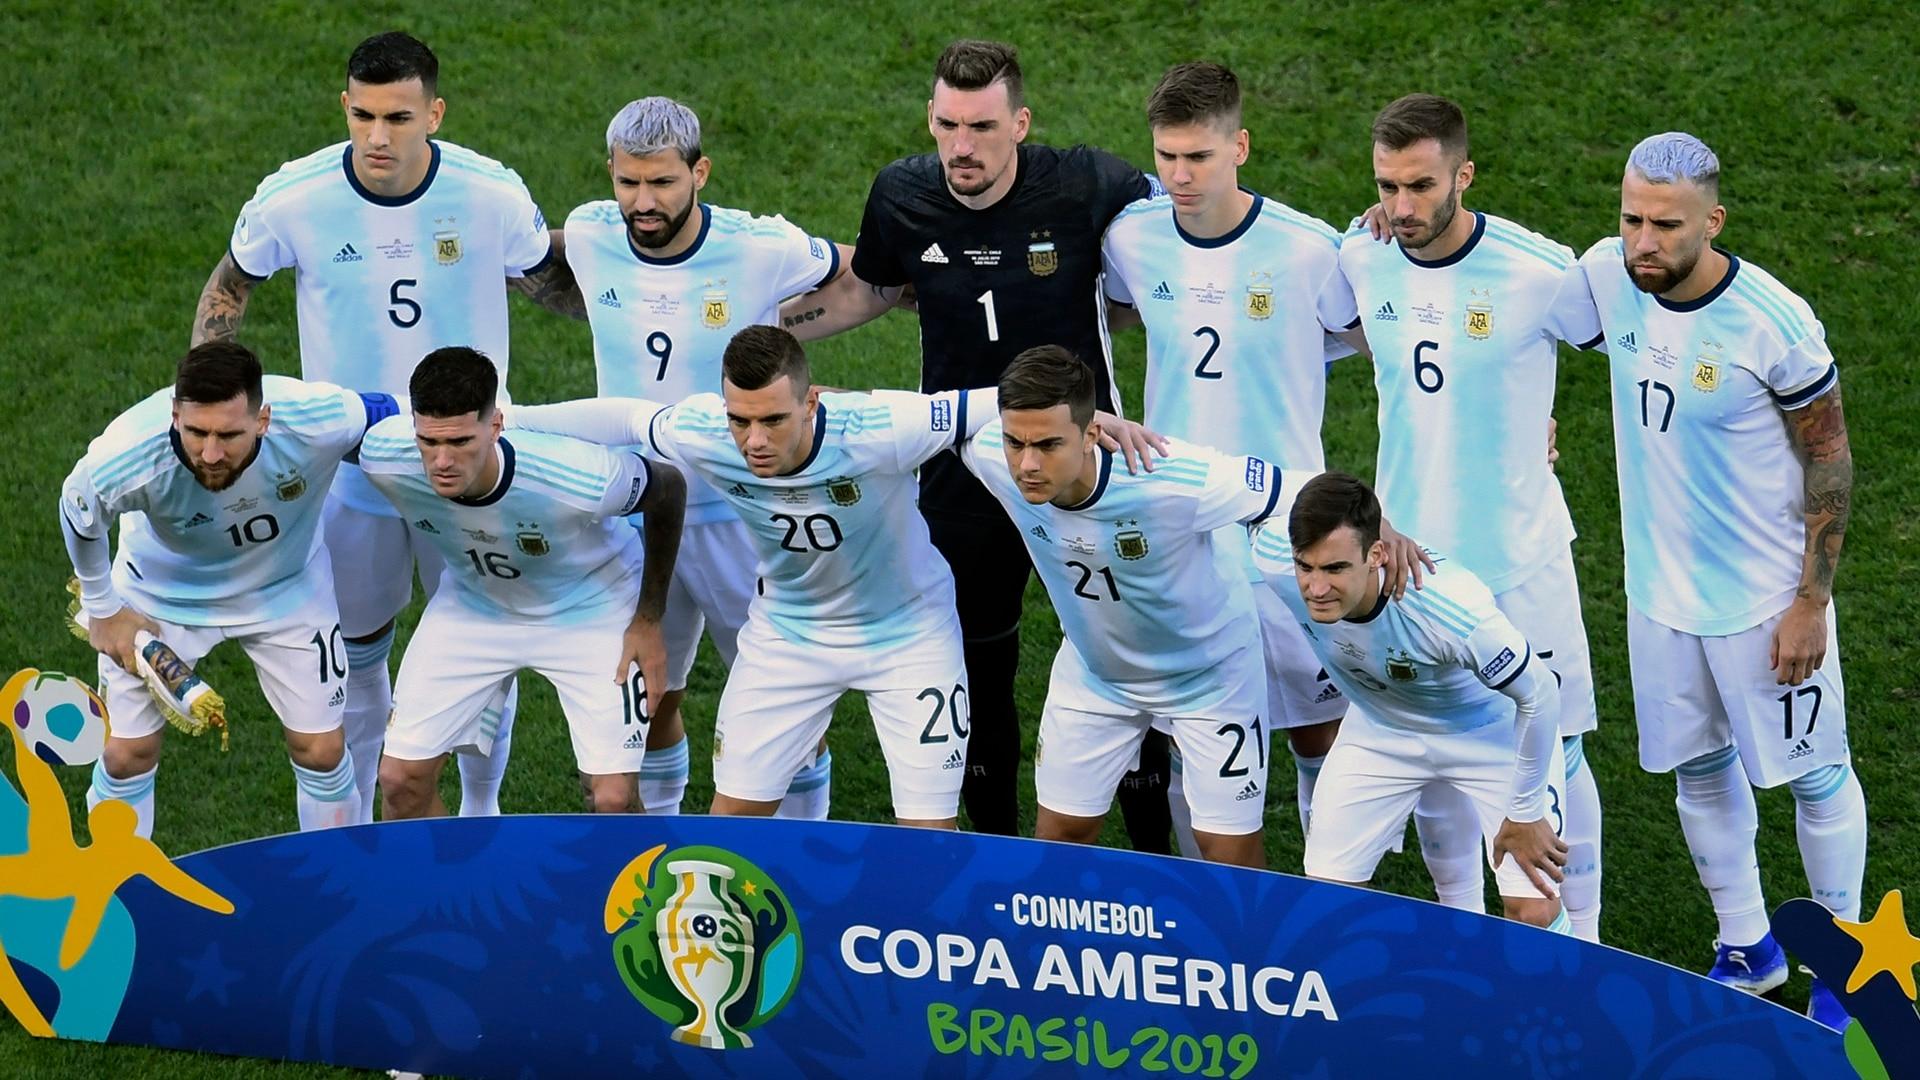 Una figura de la selección argentina está en la mira del Barcelona: por qué el pase de Lautaro Martínez podría influir en su llegada - Infobae